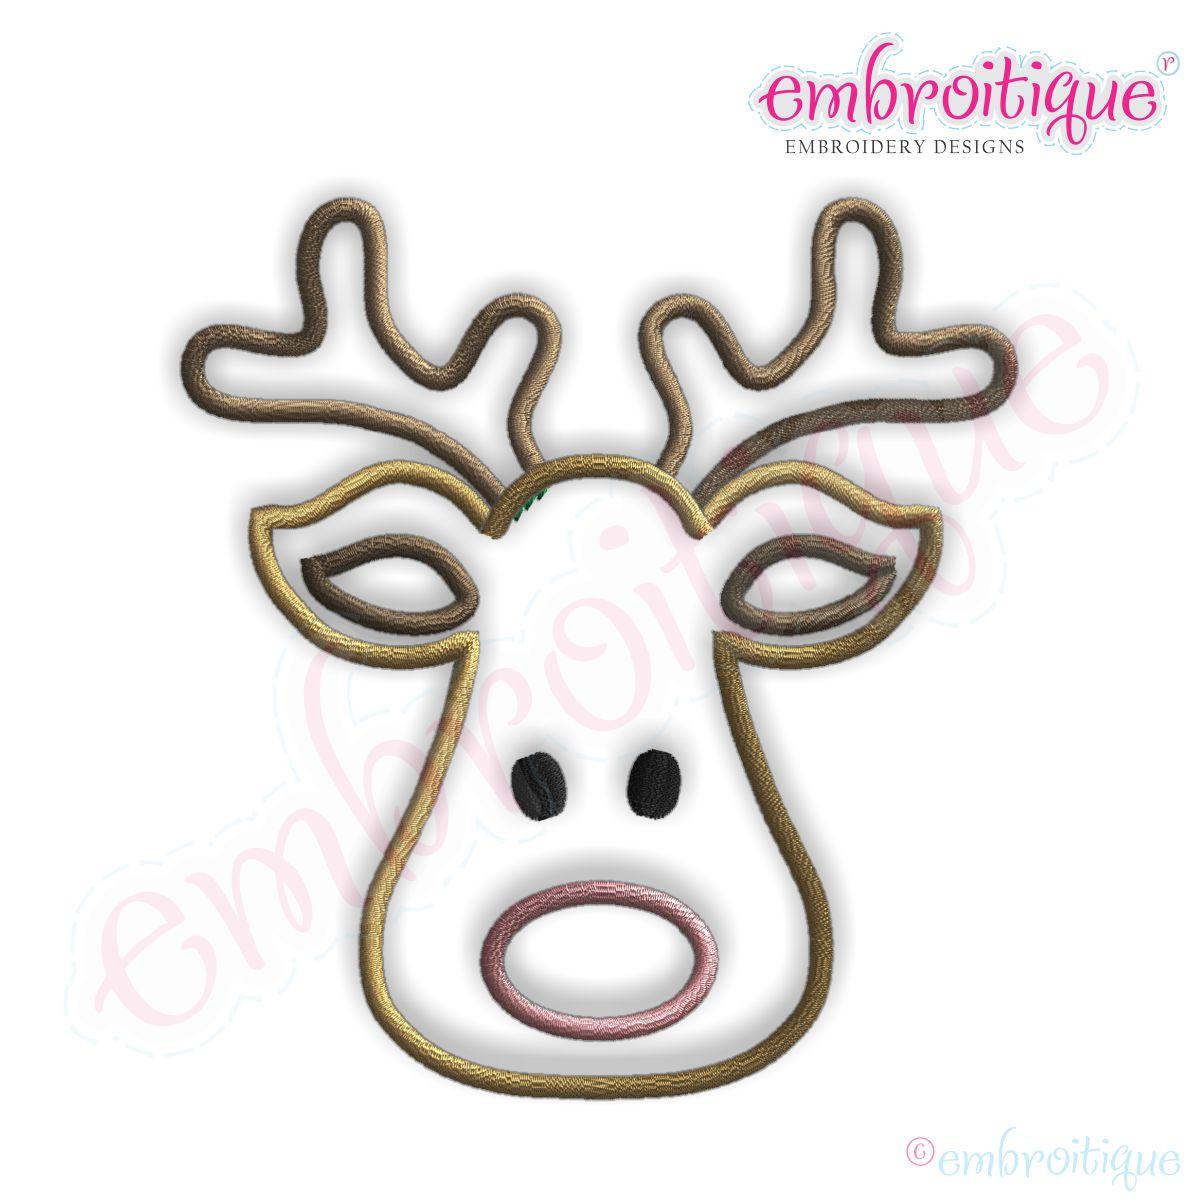 1000+ images about Clip - Rudolf on Pinterest | Reindeer ... |Rudolf Reindeer Outline